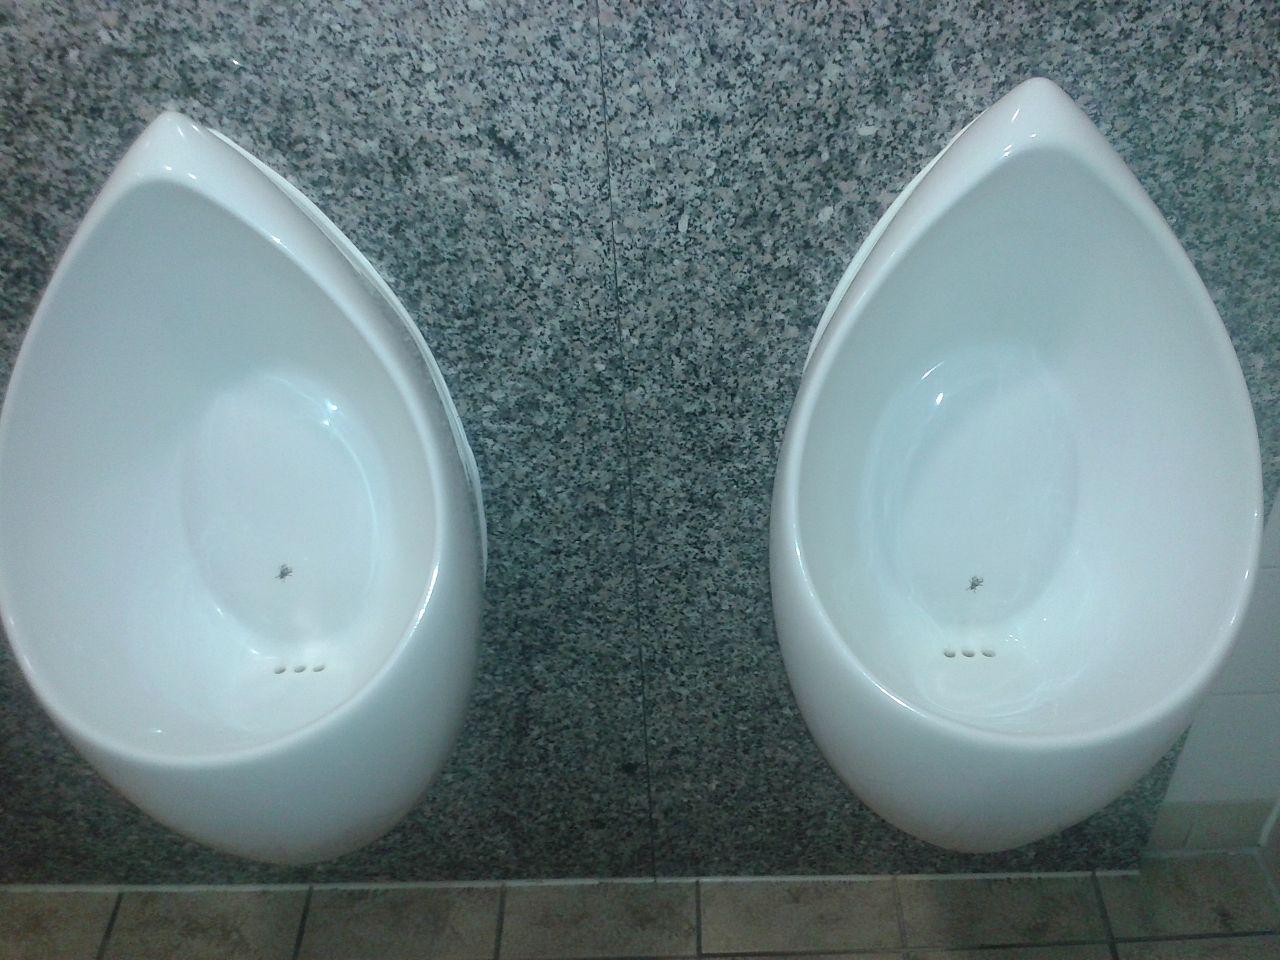 1280px-Nudge_Toilet_1